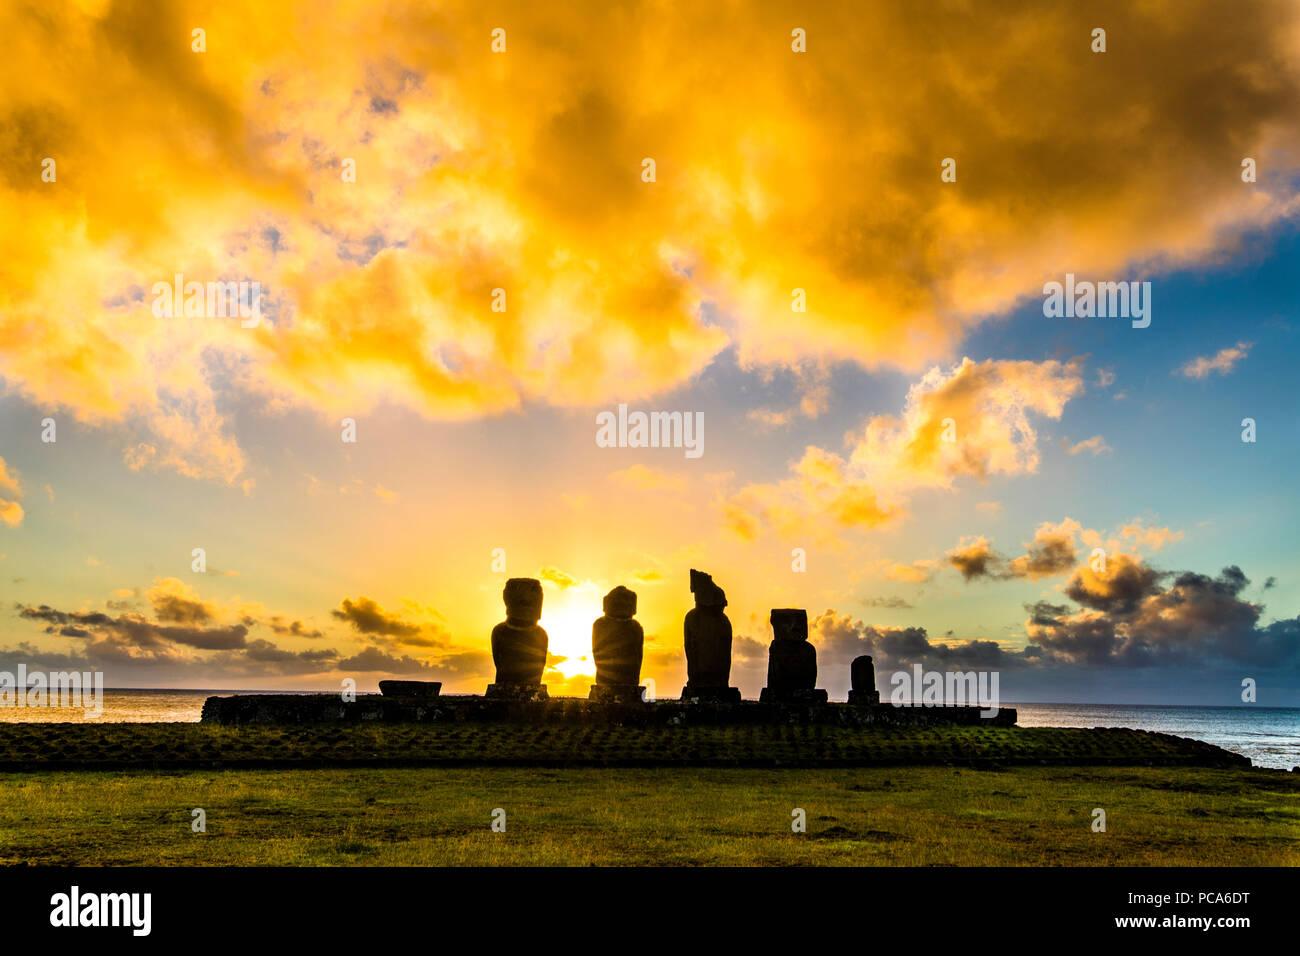 Ahu Tahai allein, Hanga Roa, Moai auf der Osterinsel. Dies ist der einzige mit gemalten Augen wie es war in der Vergangenheit. Stockbild